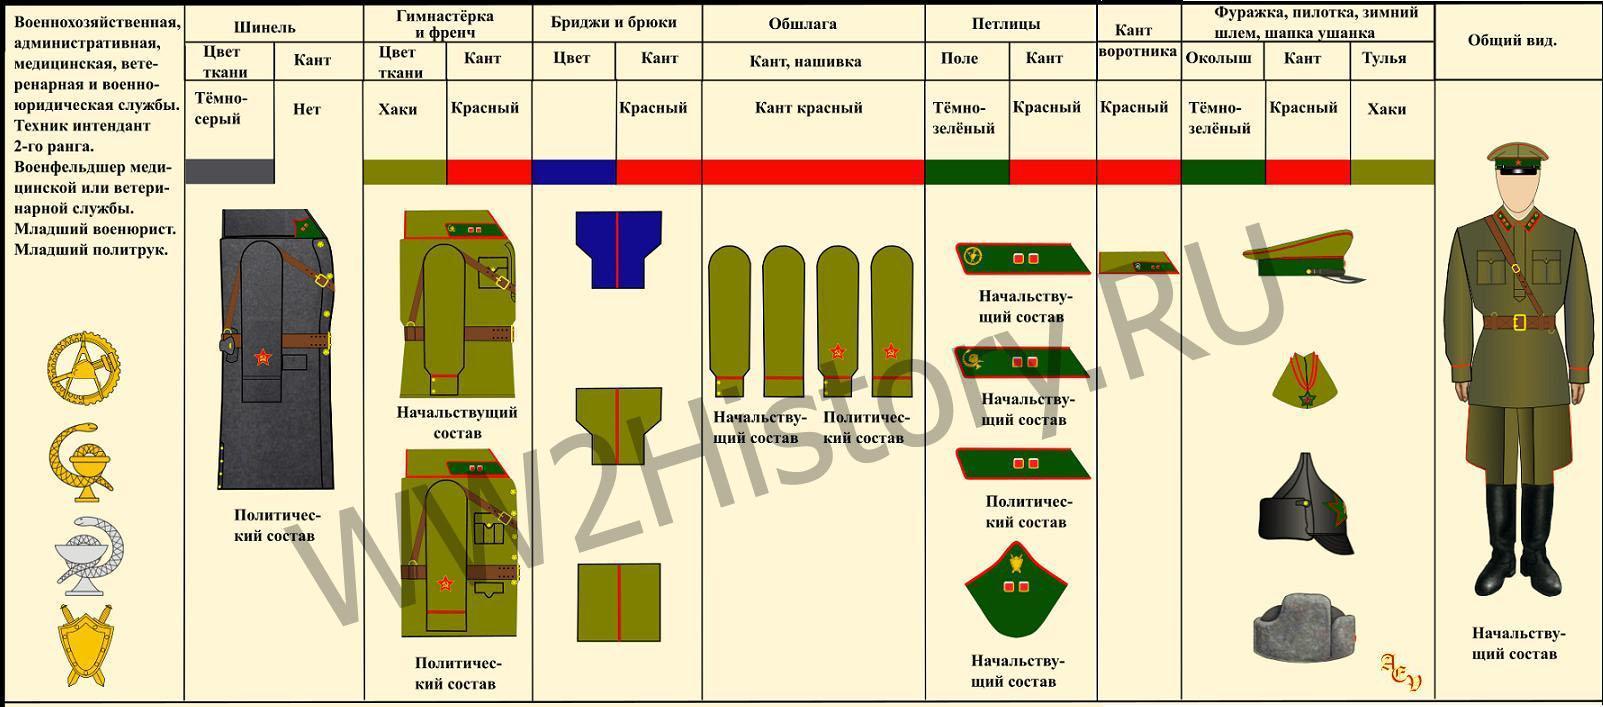 Таблица формы одежды командного, начальствующего и политического состава РККА на 22.6.1941 года 590e2395